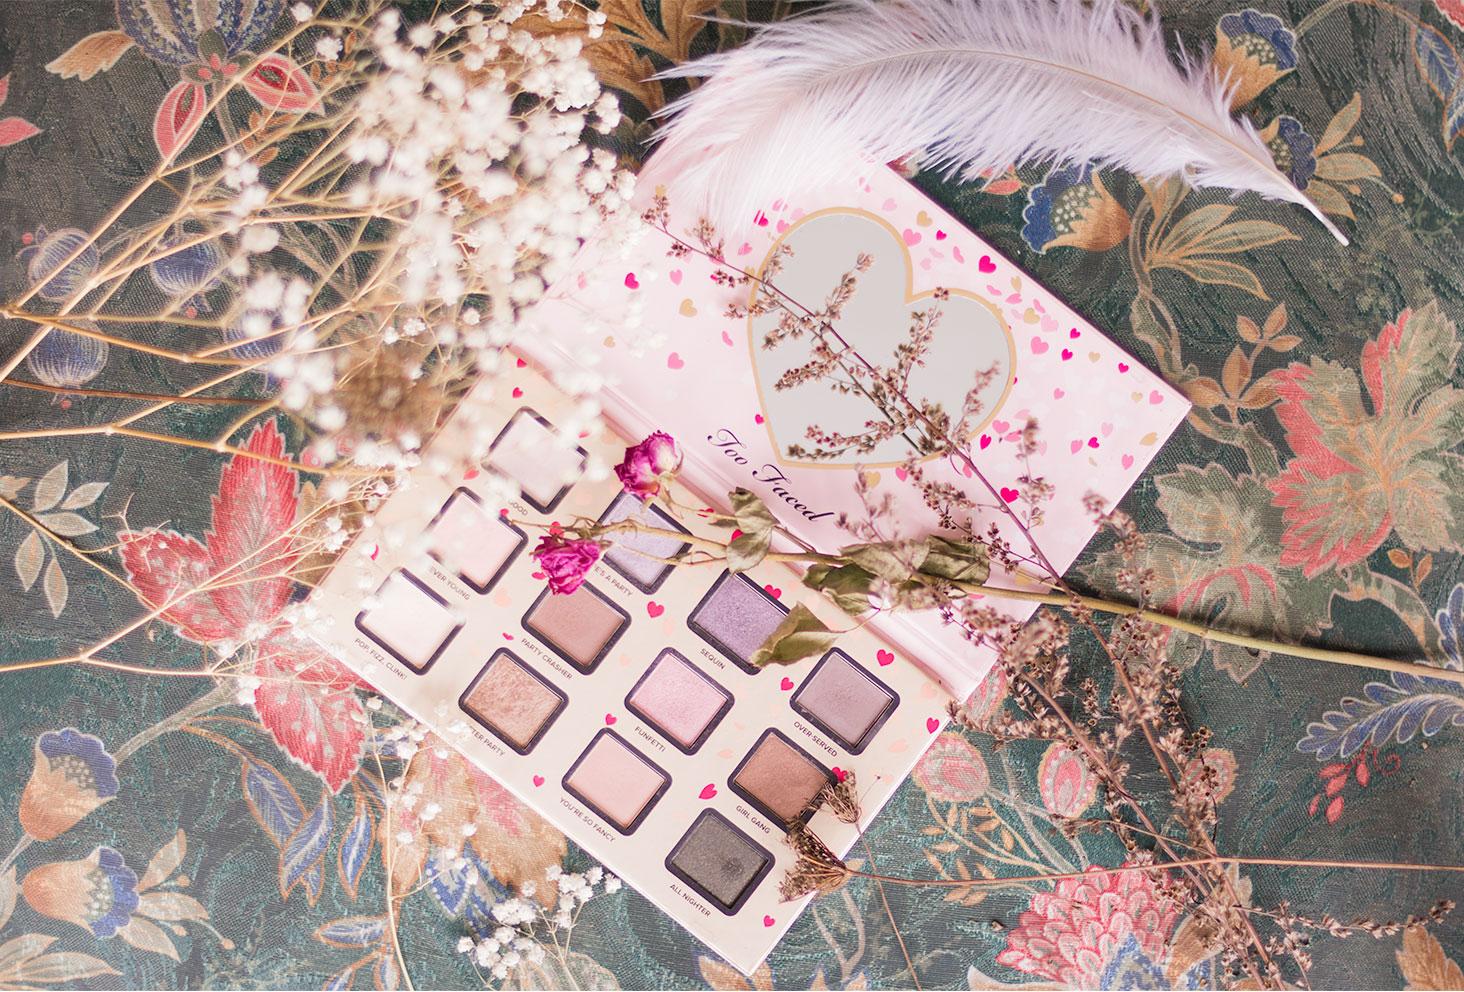 La palette Funfetti de Too Faced ouverte, posé sur un fauteuil fleuri entouré de fleurs séchées